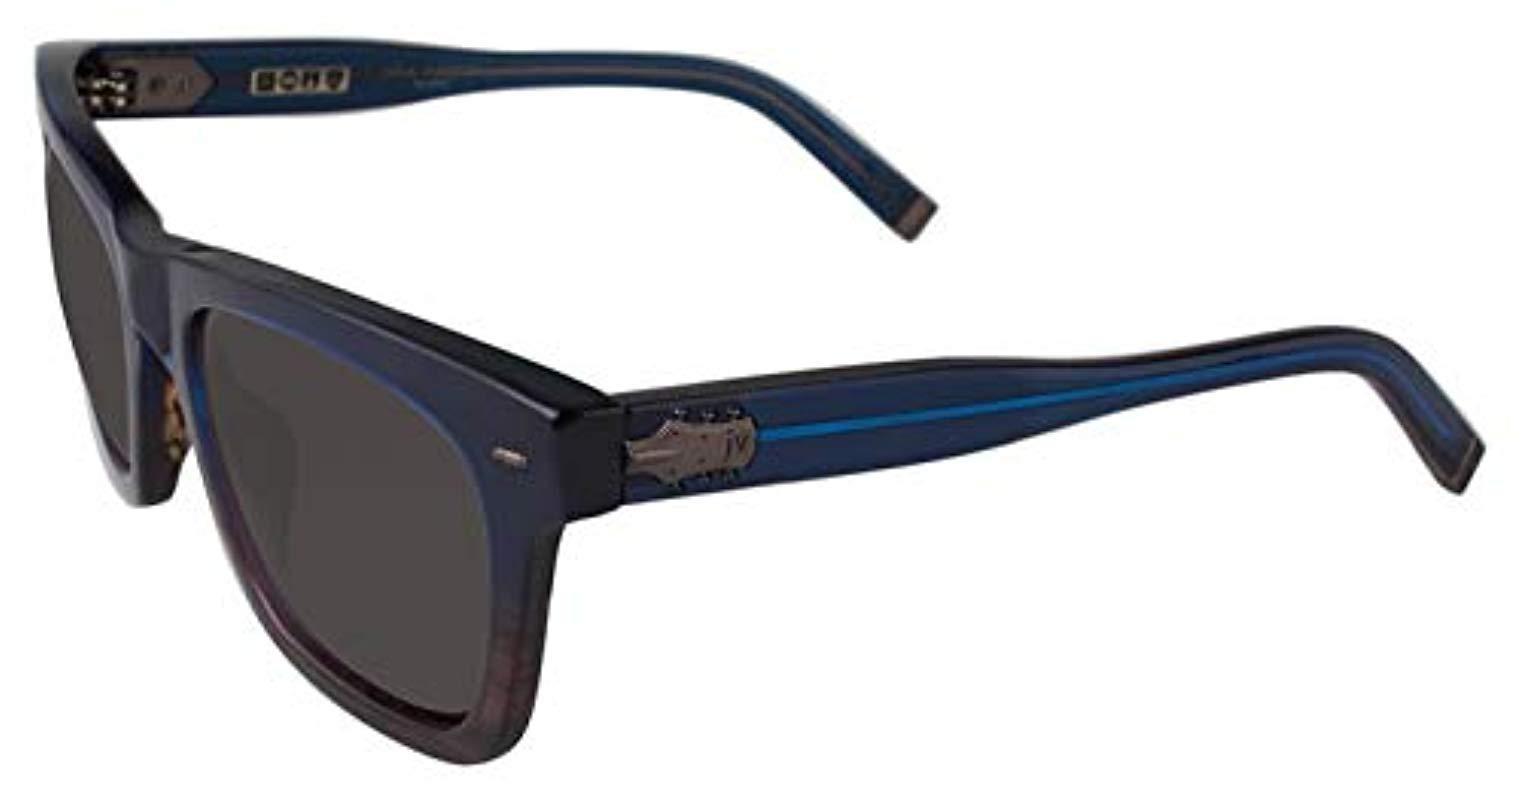 V510 John Varvatos Men/'s Square Classic Sunglasses w// Anti-Reflective Lens